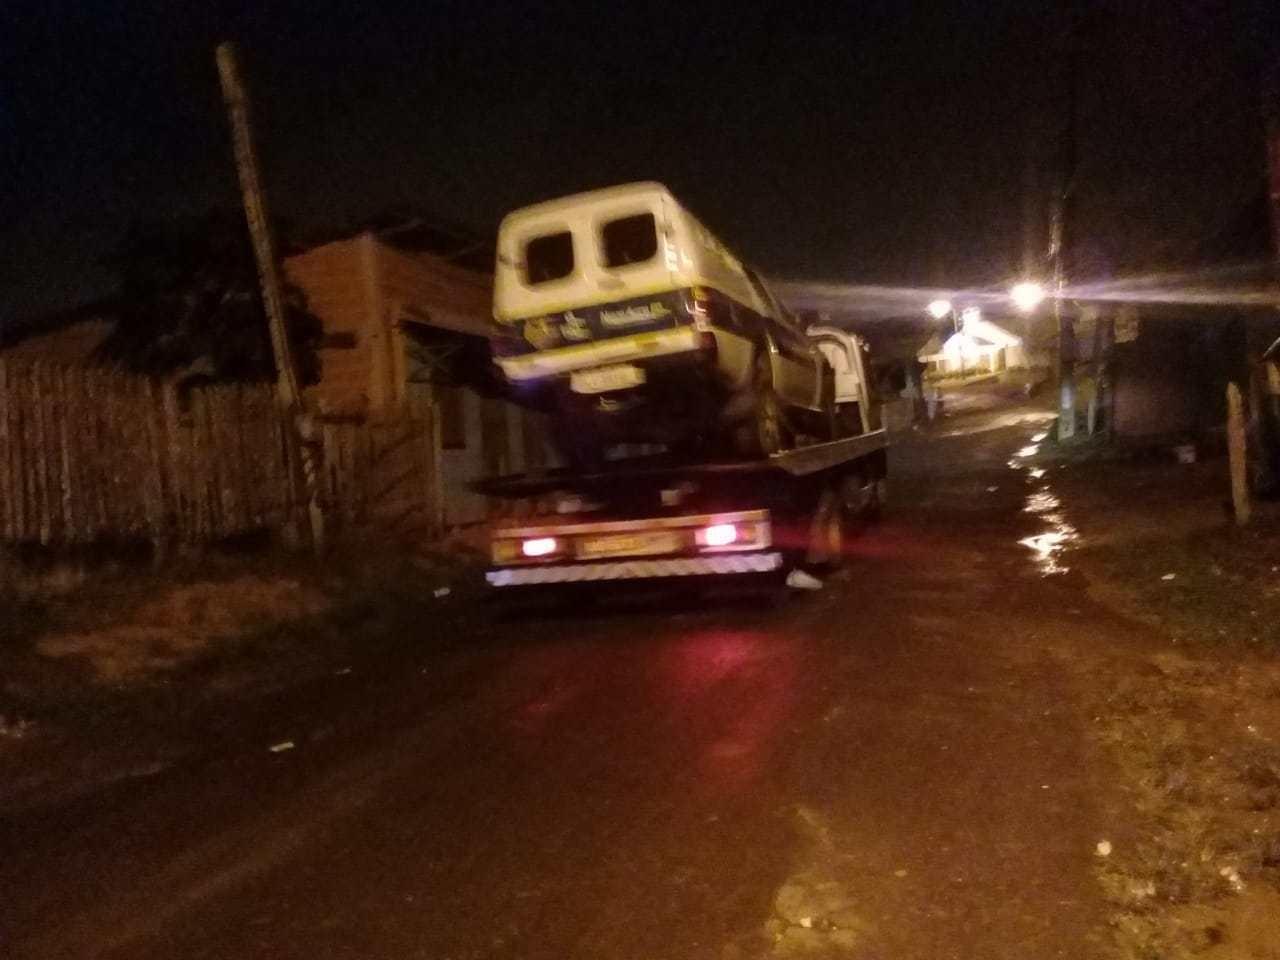 Viatura da PM se envolve em acidente durante perseguição no interior do Acre - Noticias